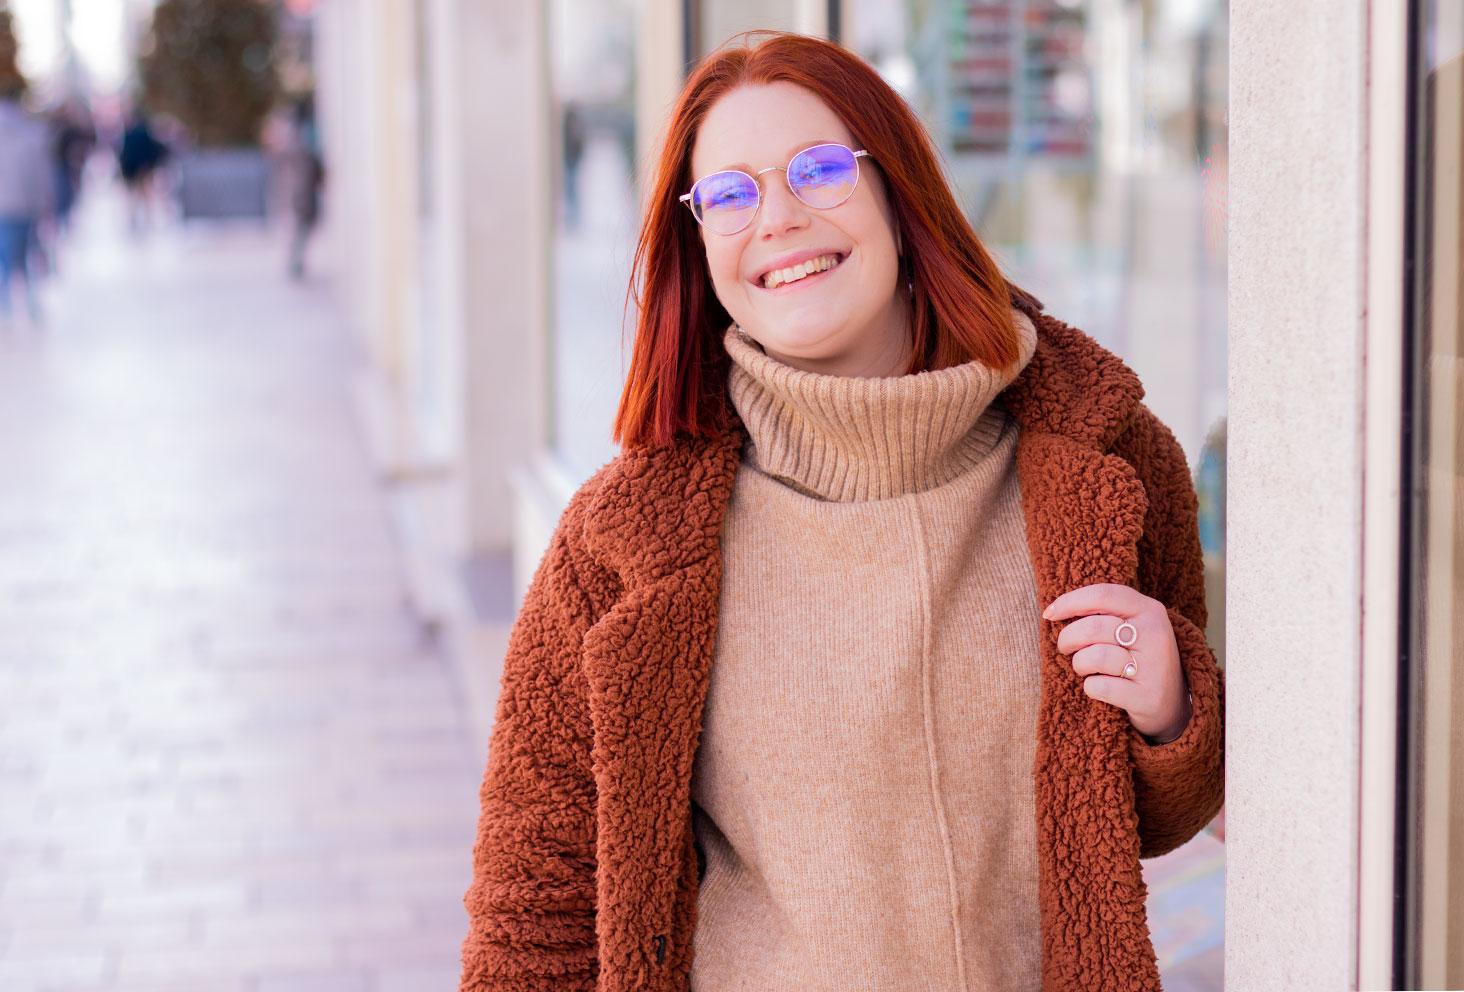 Zoom sur le manteau marron Shein en moumoute porté sur un pull à gros col roulé beige H&M, appuyé conte la vitrine d'une librairie